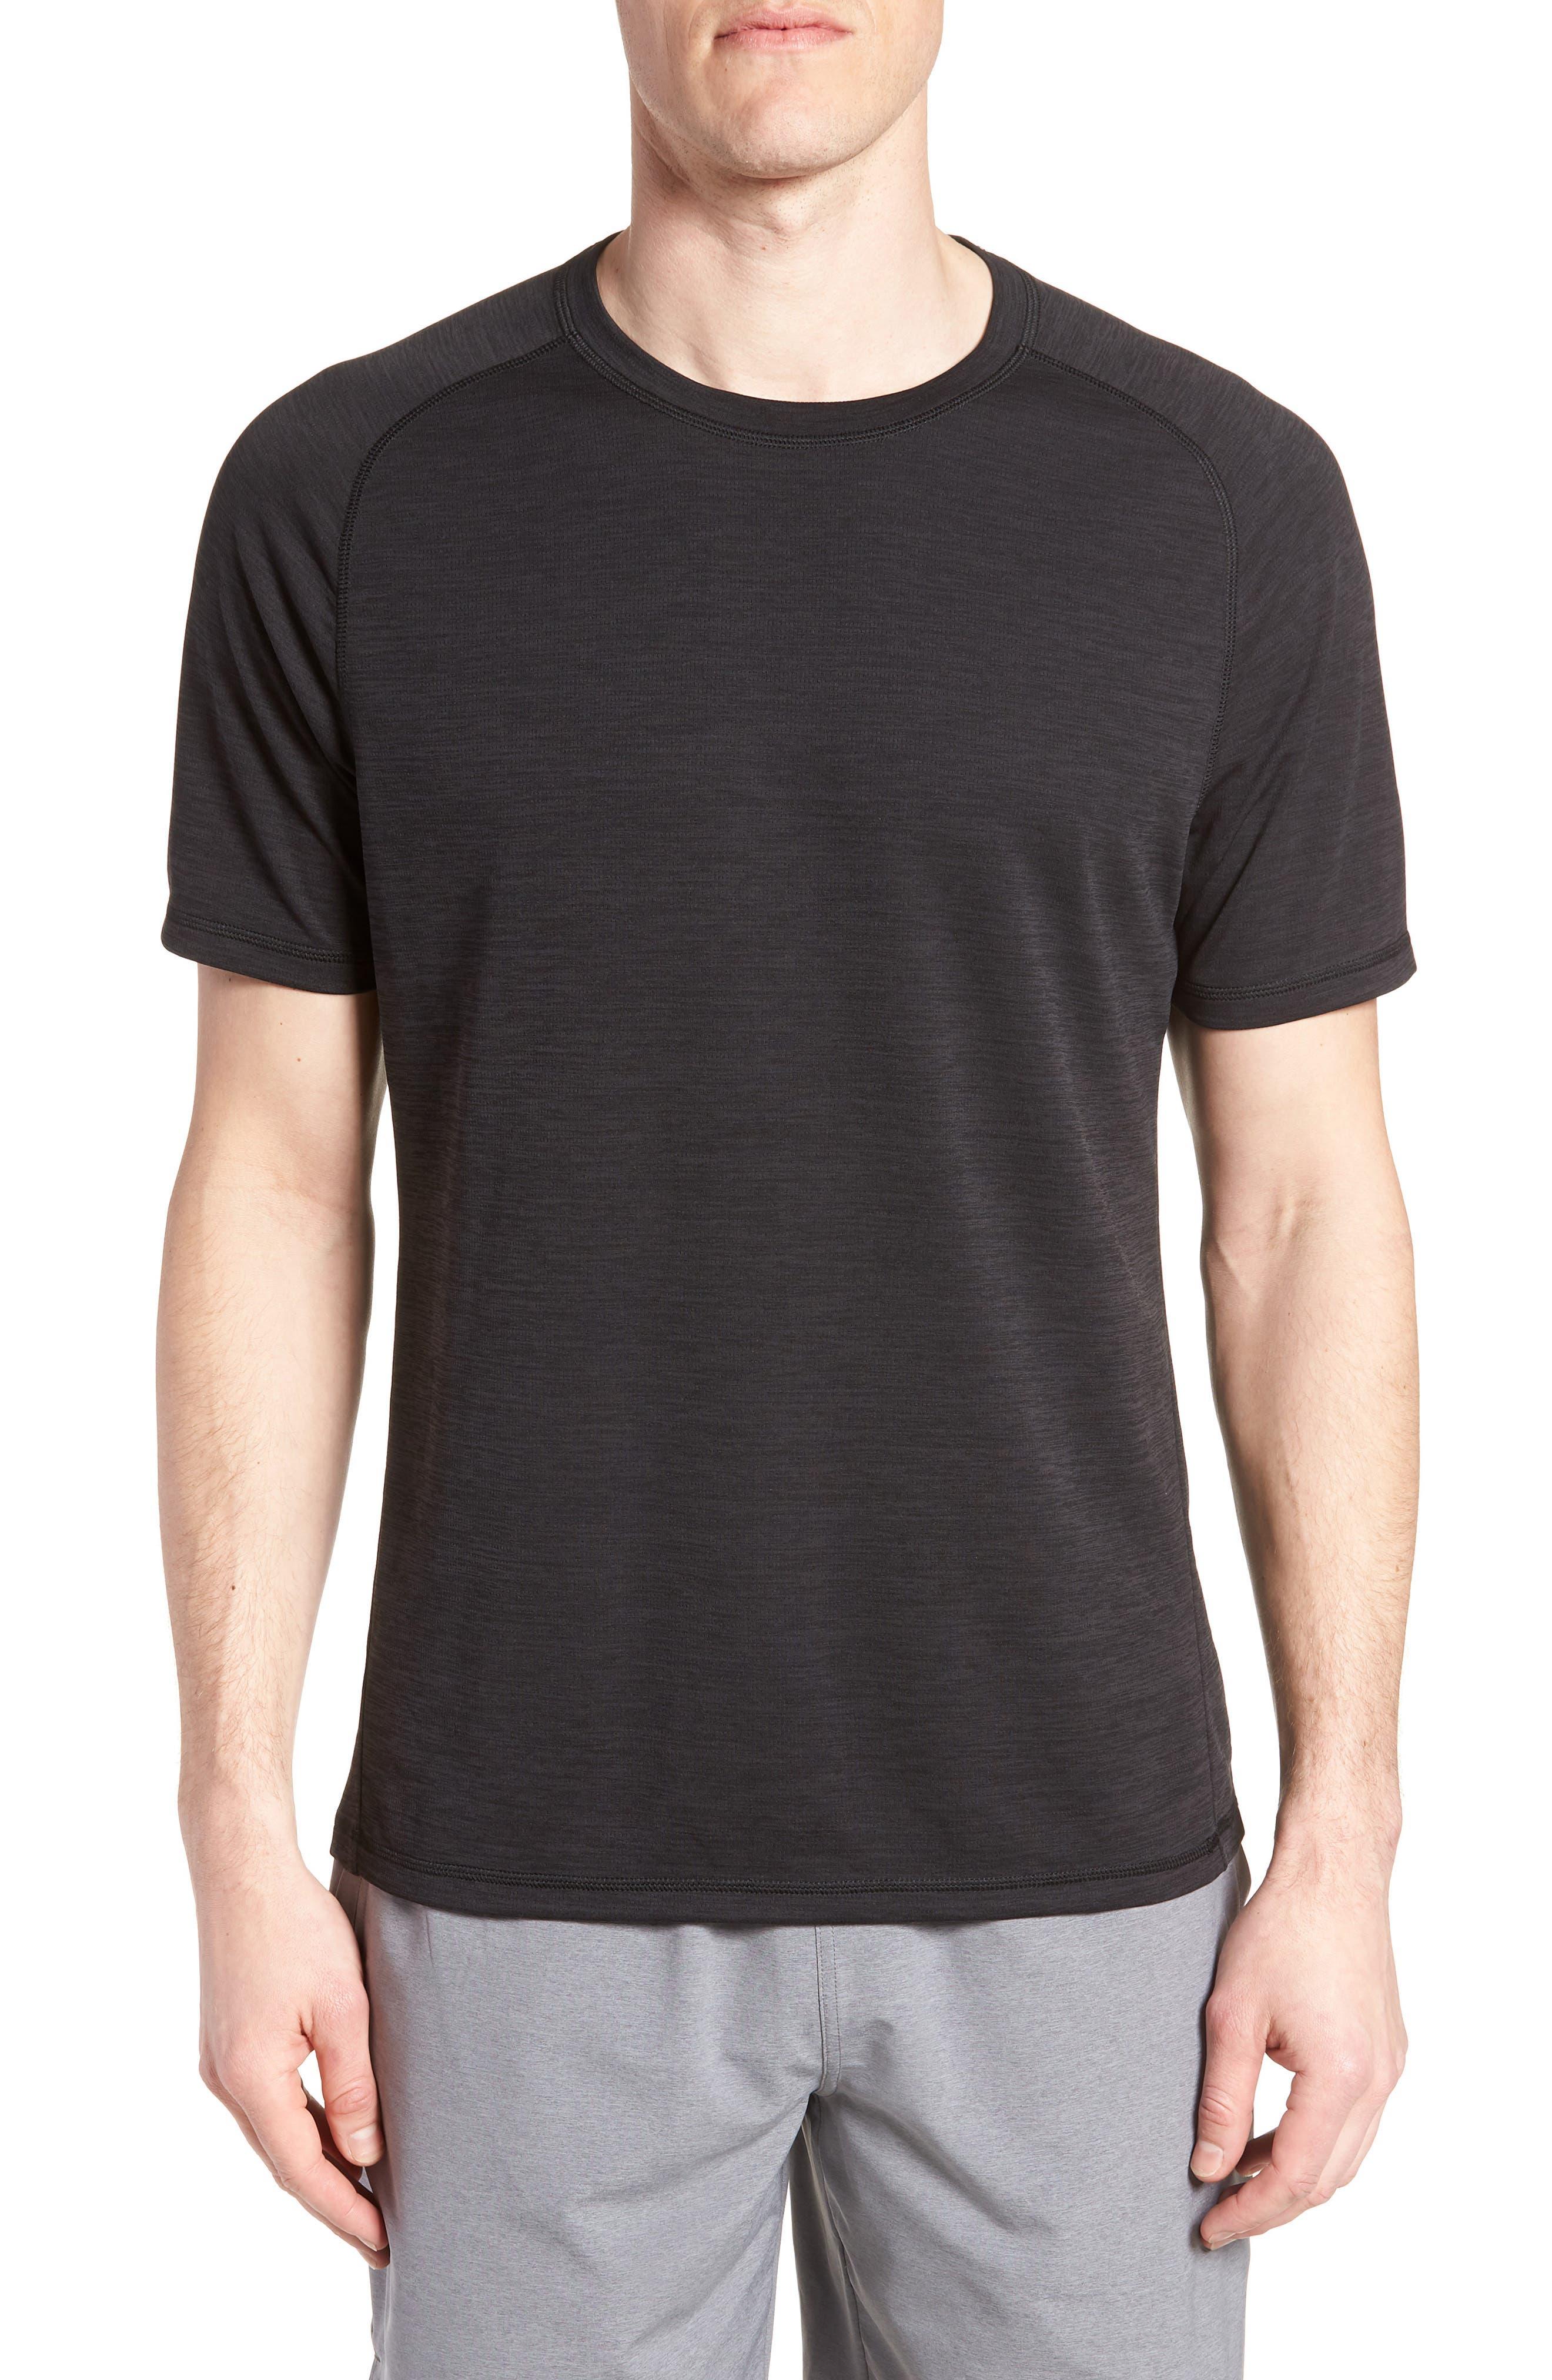 ZELLA, Kinoite Raglan Crewneck T-Shirt, Main thumbnail 1, color, BLACK OXIDE MELANGE